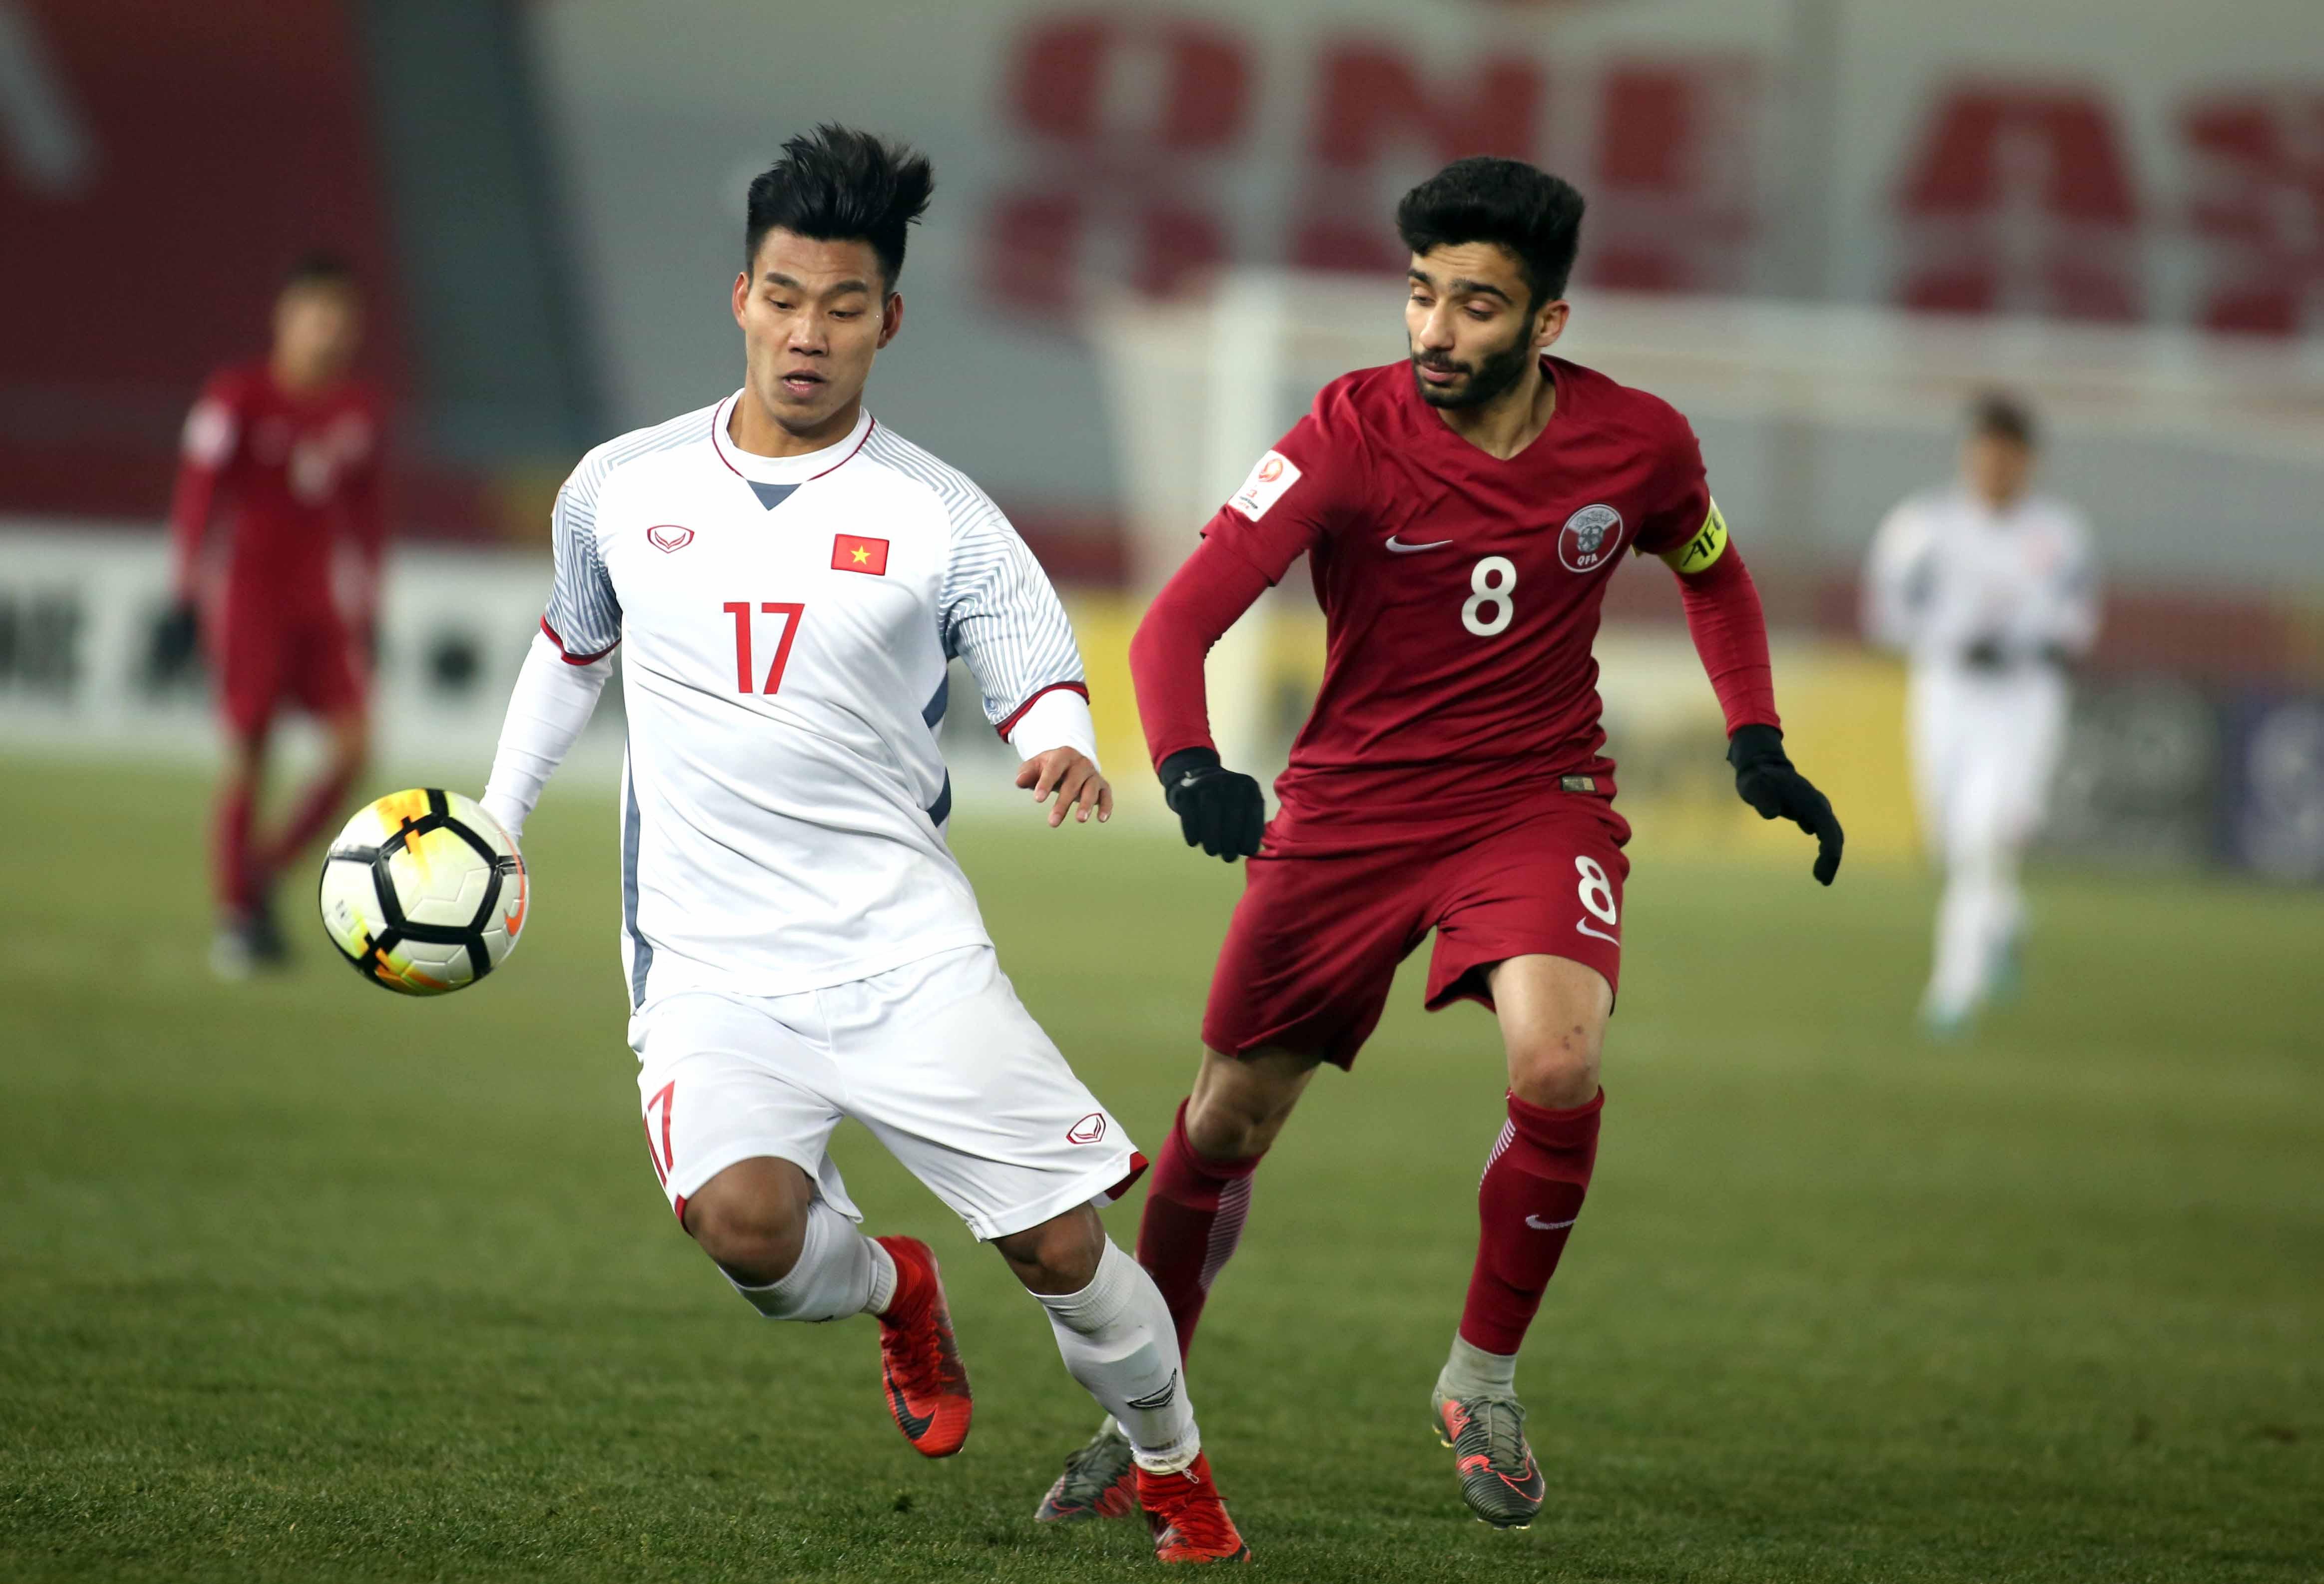 Hậu vệ Vũ Văn Thanh sẽ có cuộc đối đầu thú vị với tiền vệ Jasurbek Yakhshiboev. Ảnh: GETTY IMAGES/NGUYÊN KHÔI